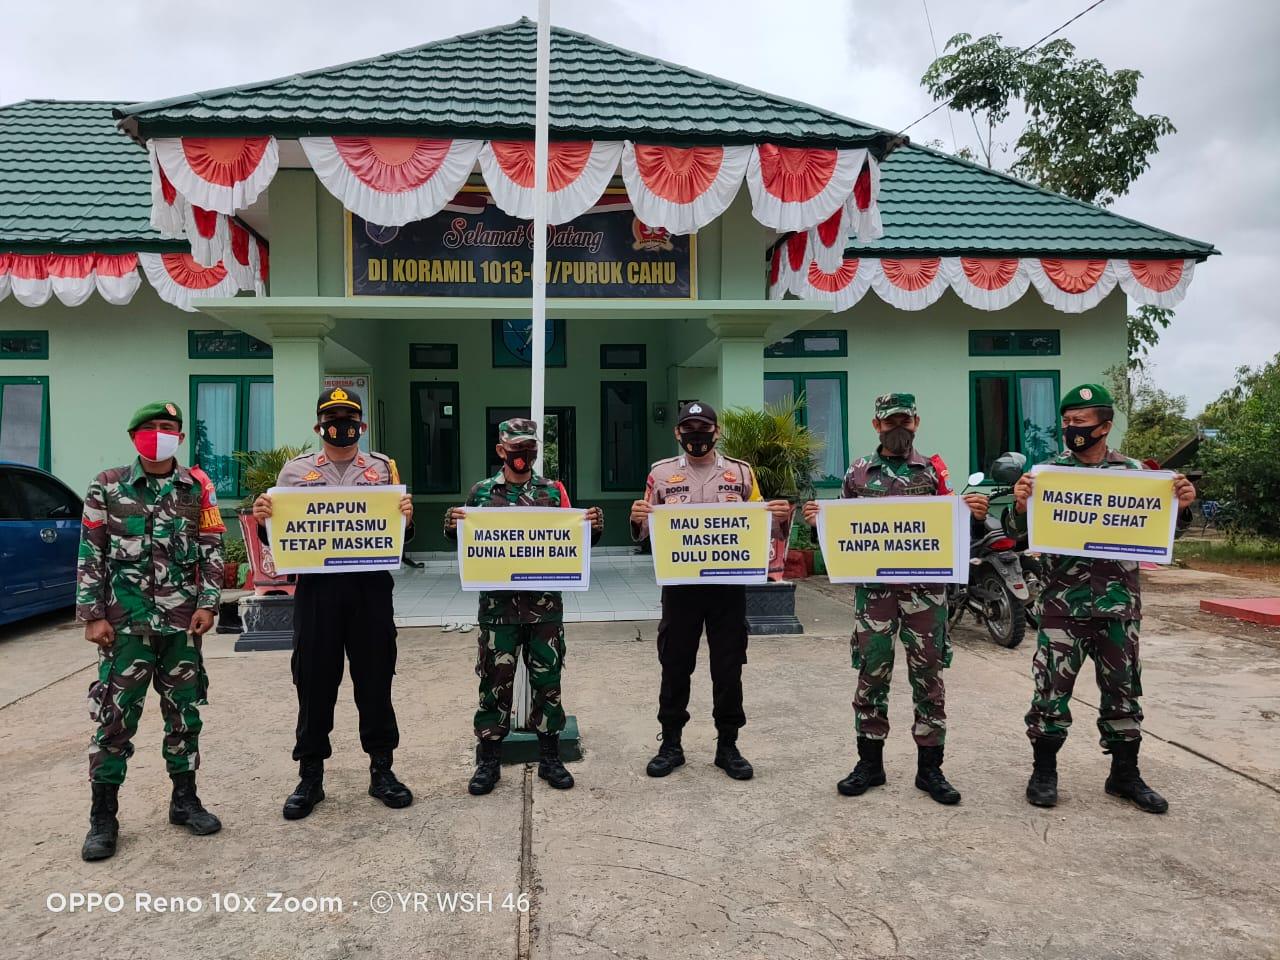 Polsek Murung Bersama TNI Sosialisasikan Wajib Pakai Masker Kapada Masyarakat